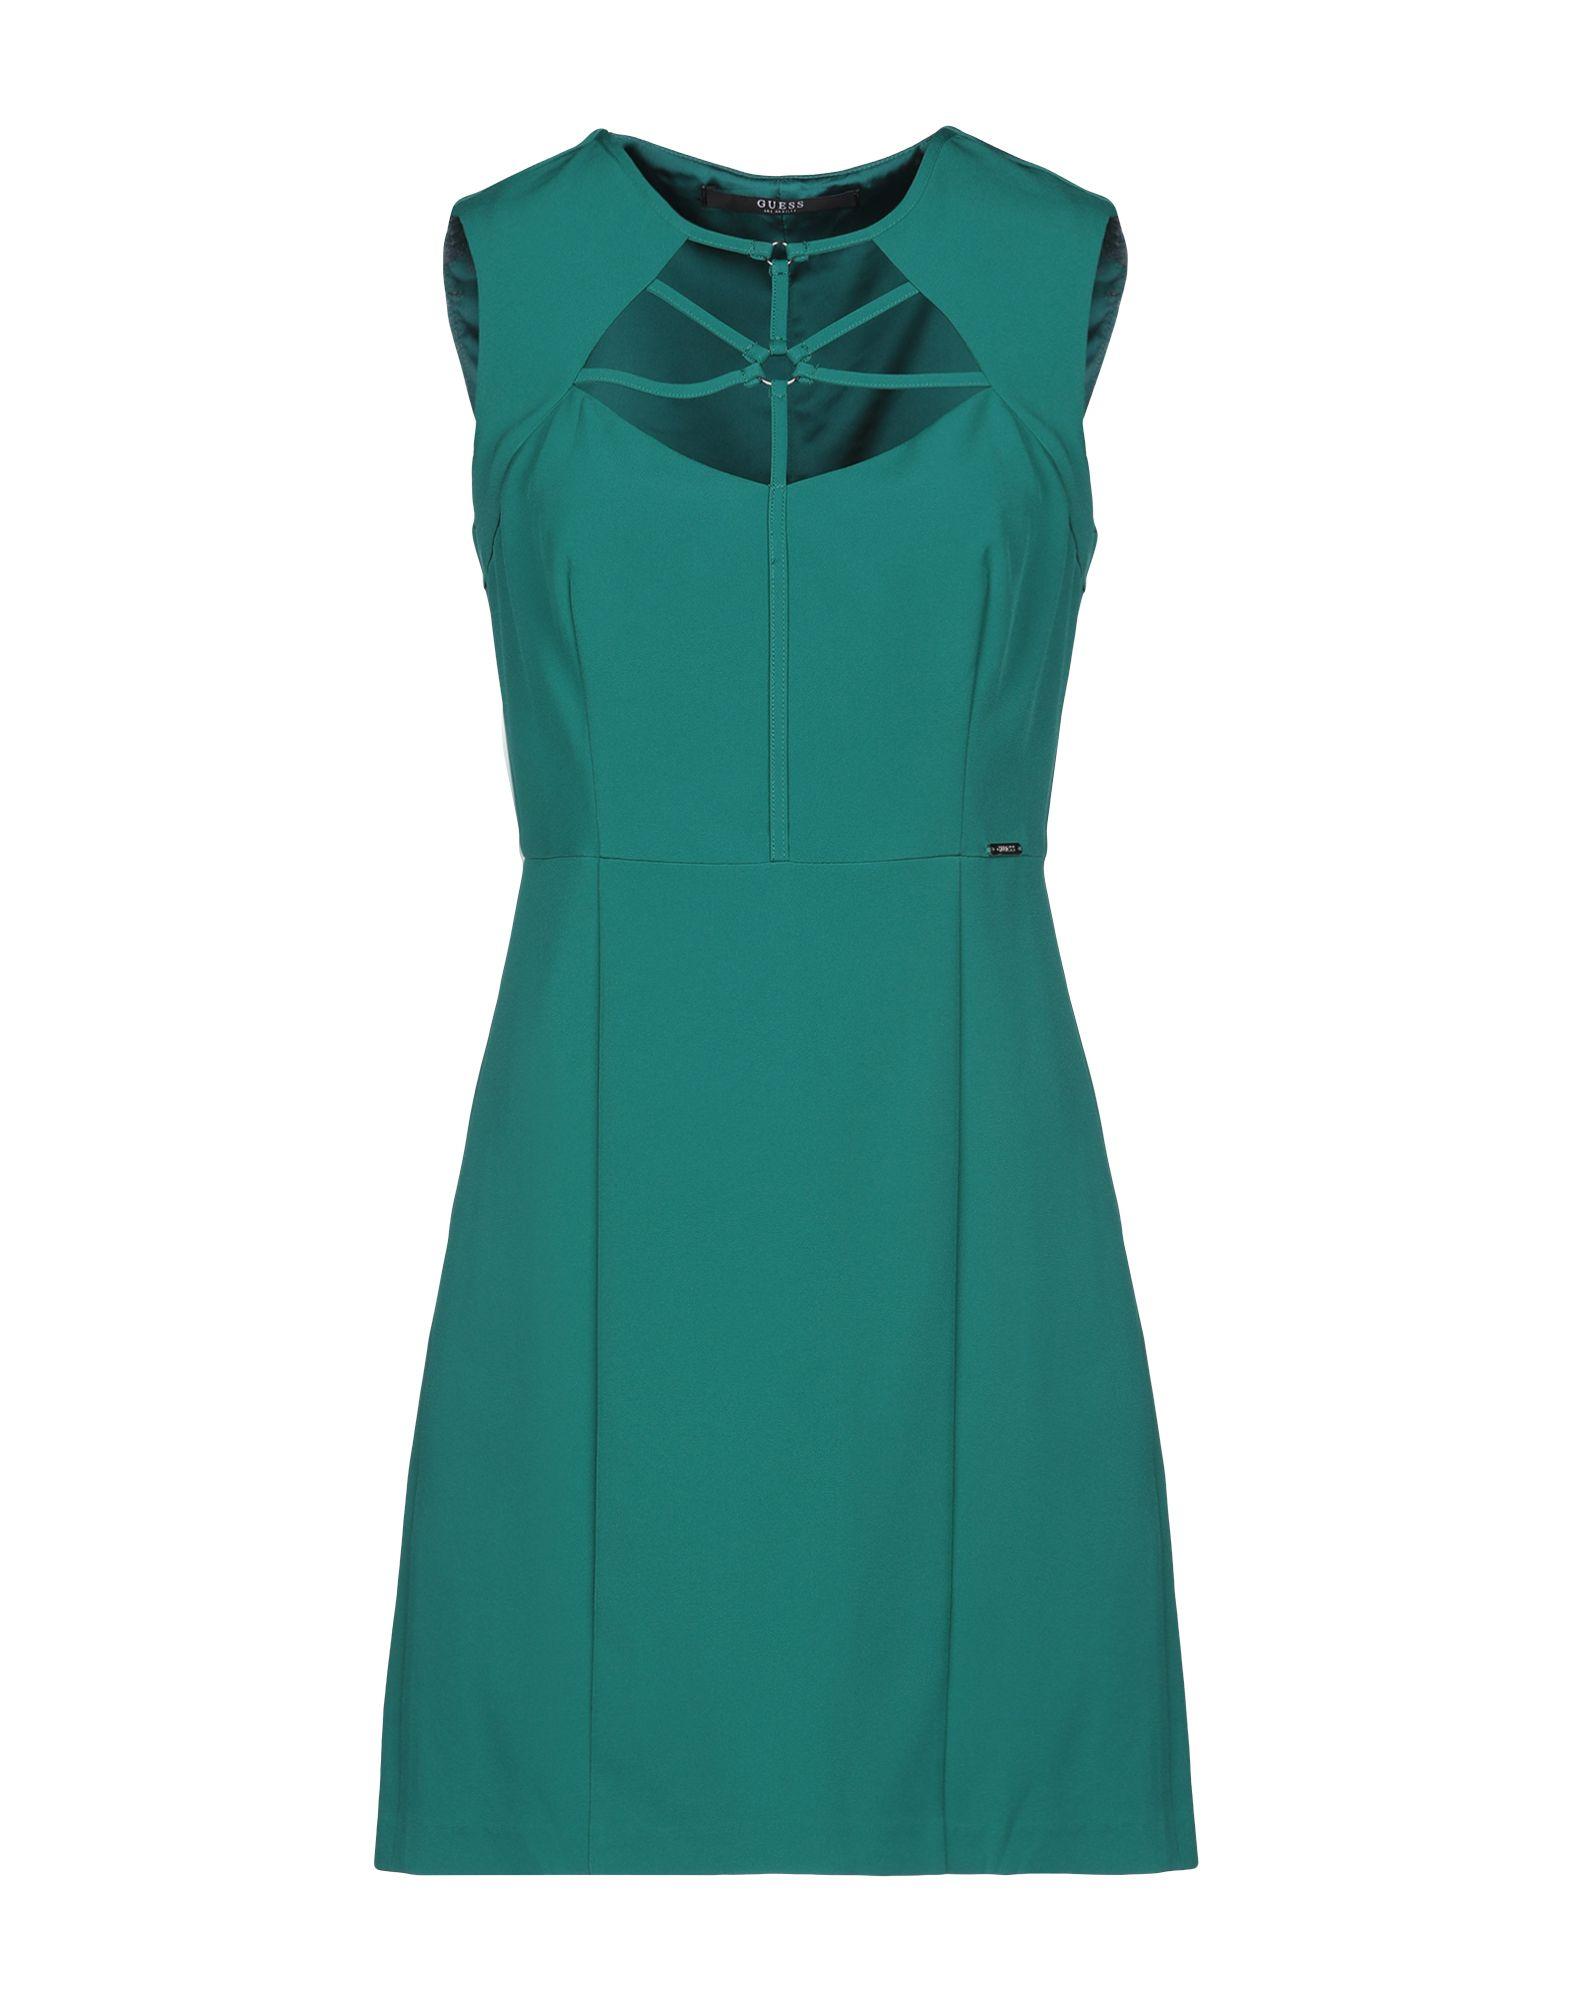 0d334da771a7 Yoox - Γυναικεία Κοντά Φορέματα - Φθηνότερα Προϊόντα - Σελίδα 291 ...